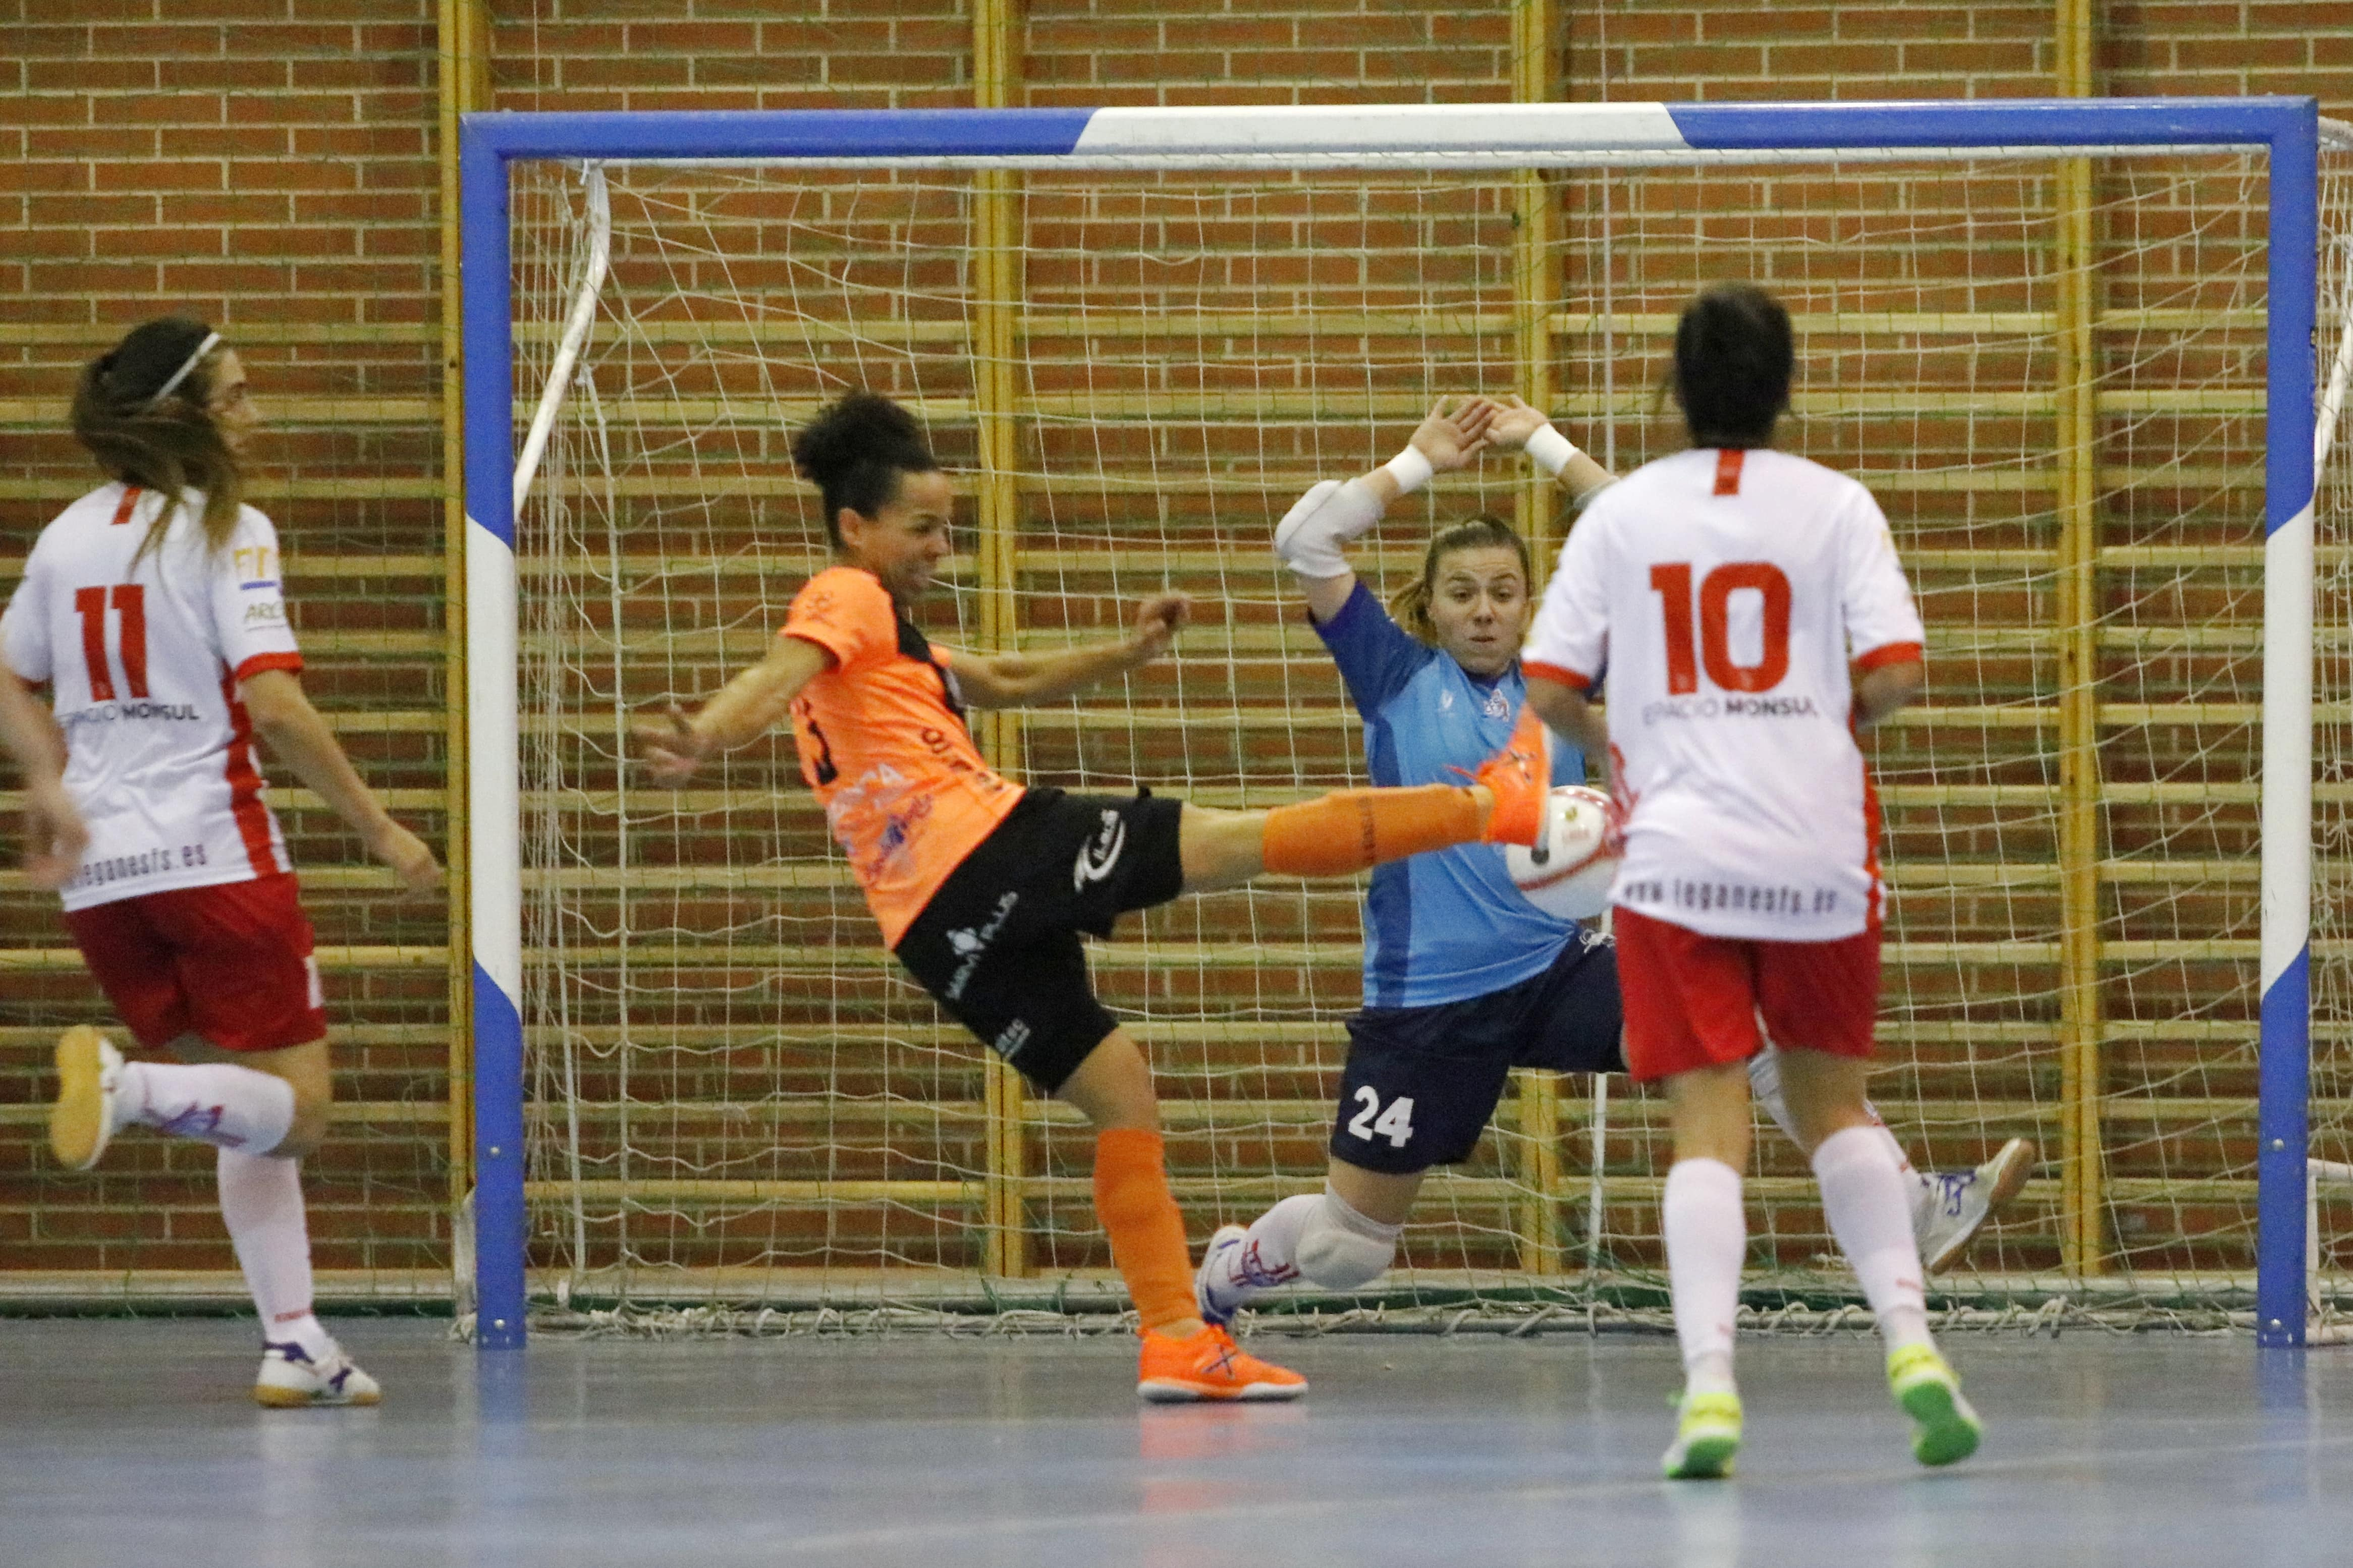 Previa: C.D. Leganés F.S. - Pescados Rubén Burela F.S. Jornada 20ª. 1ª División de Fútbol Sala Femenino